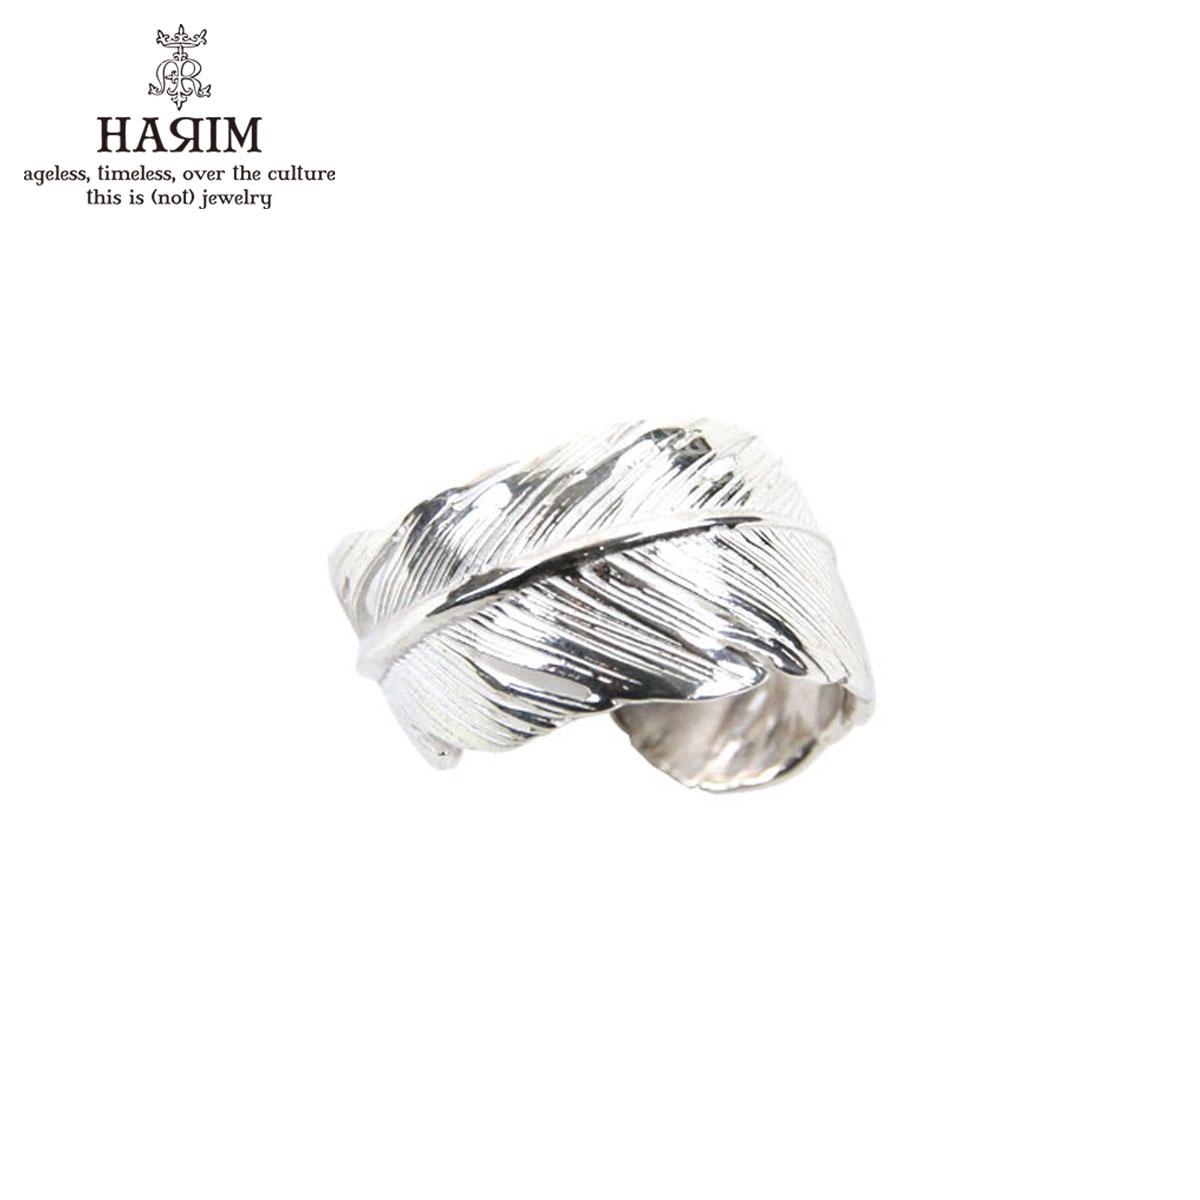 ハリム HARIM 指輪 リング HARIM FEATHER RING 2 SVWH HRR040 WH SILVER 925 【対応】 送料無料 A82B B3C C3D D8E E32F